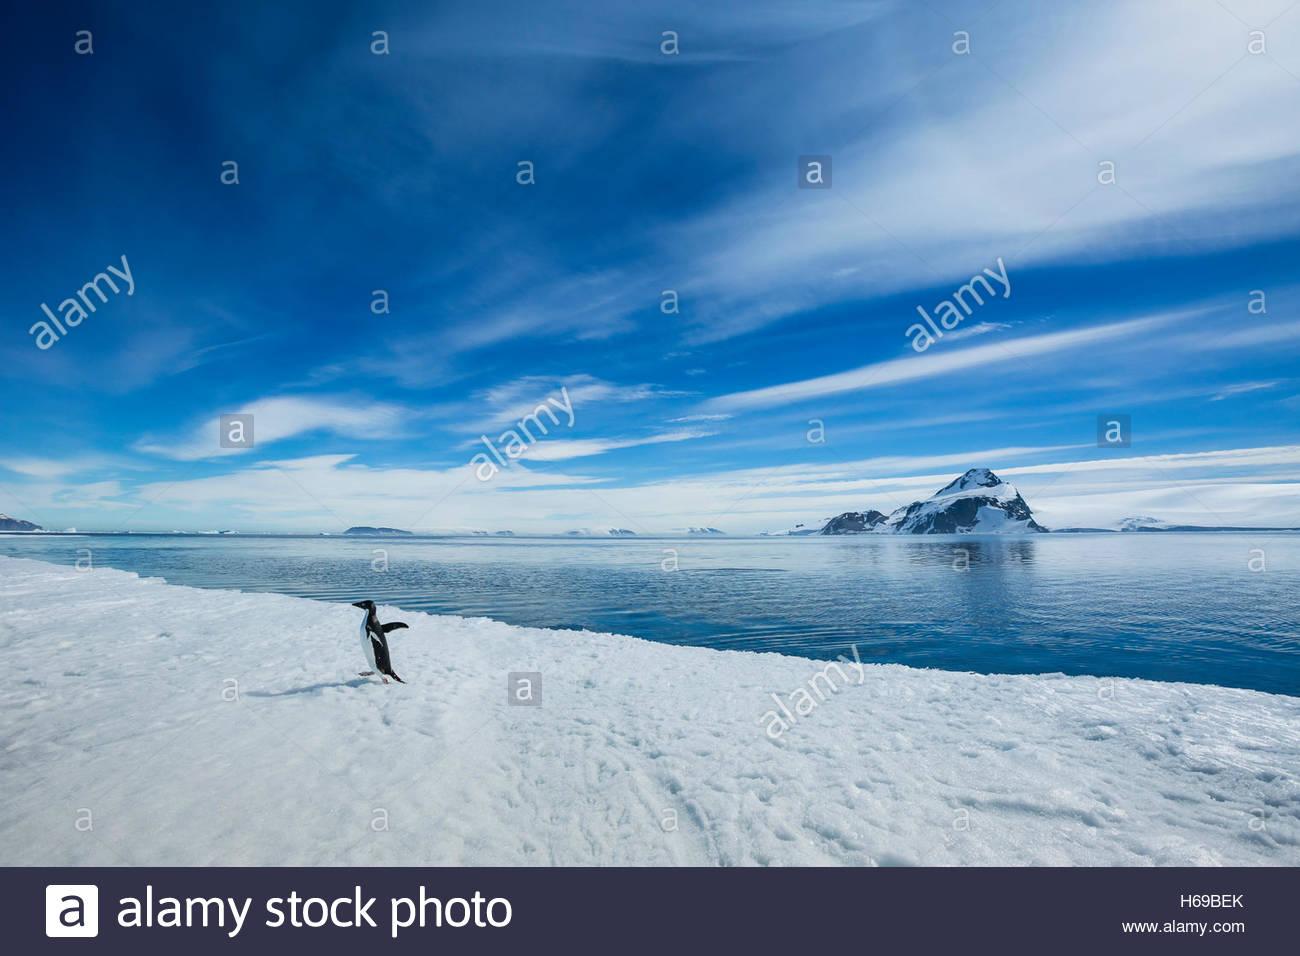 Un pingüino Adelia camina sobre el hielo polar en sonido activa cerca del Mar de Weddell en la Antártida. Imagen De Stock